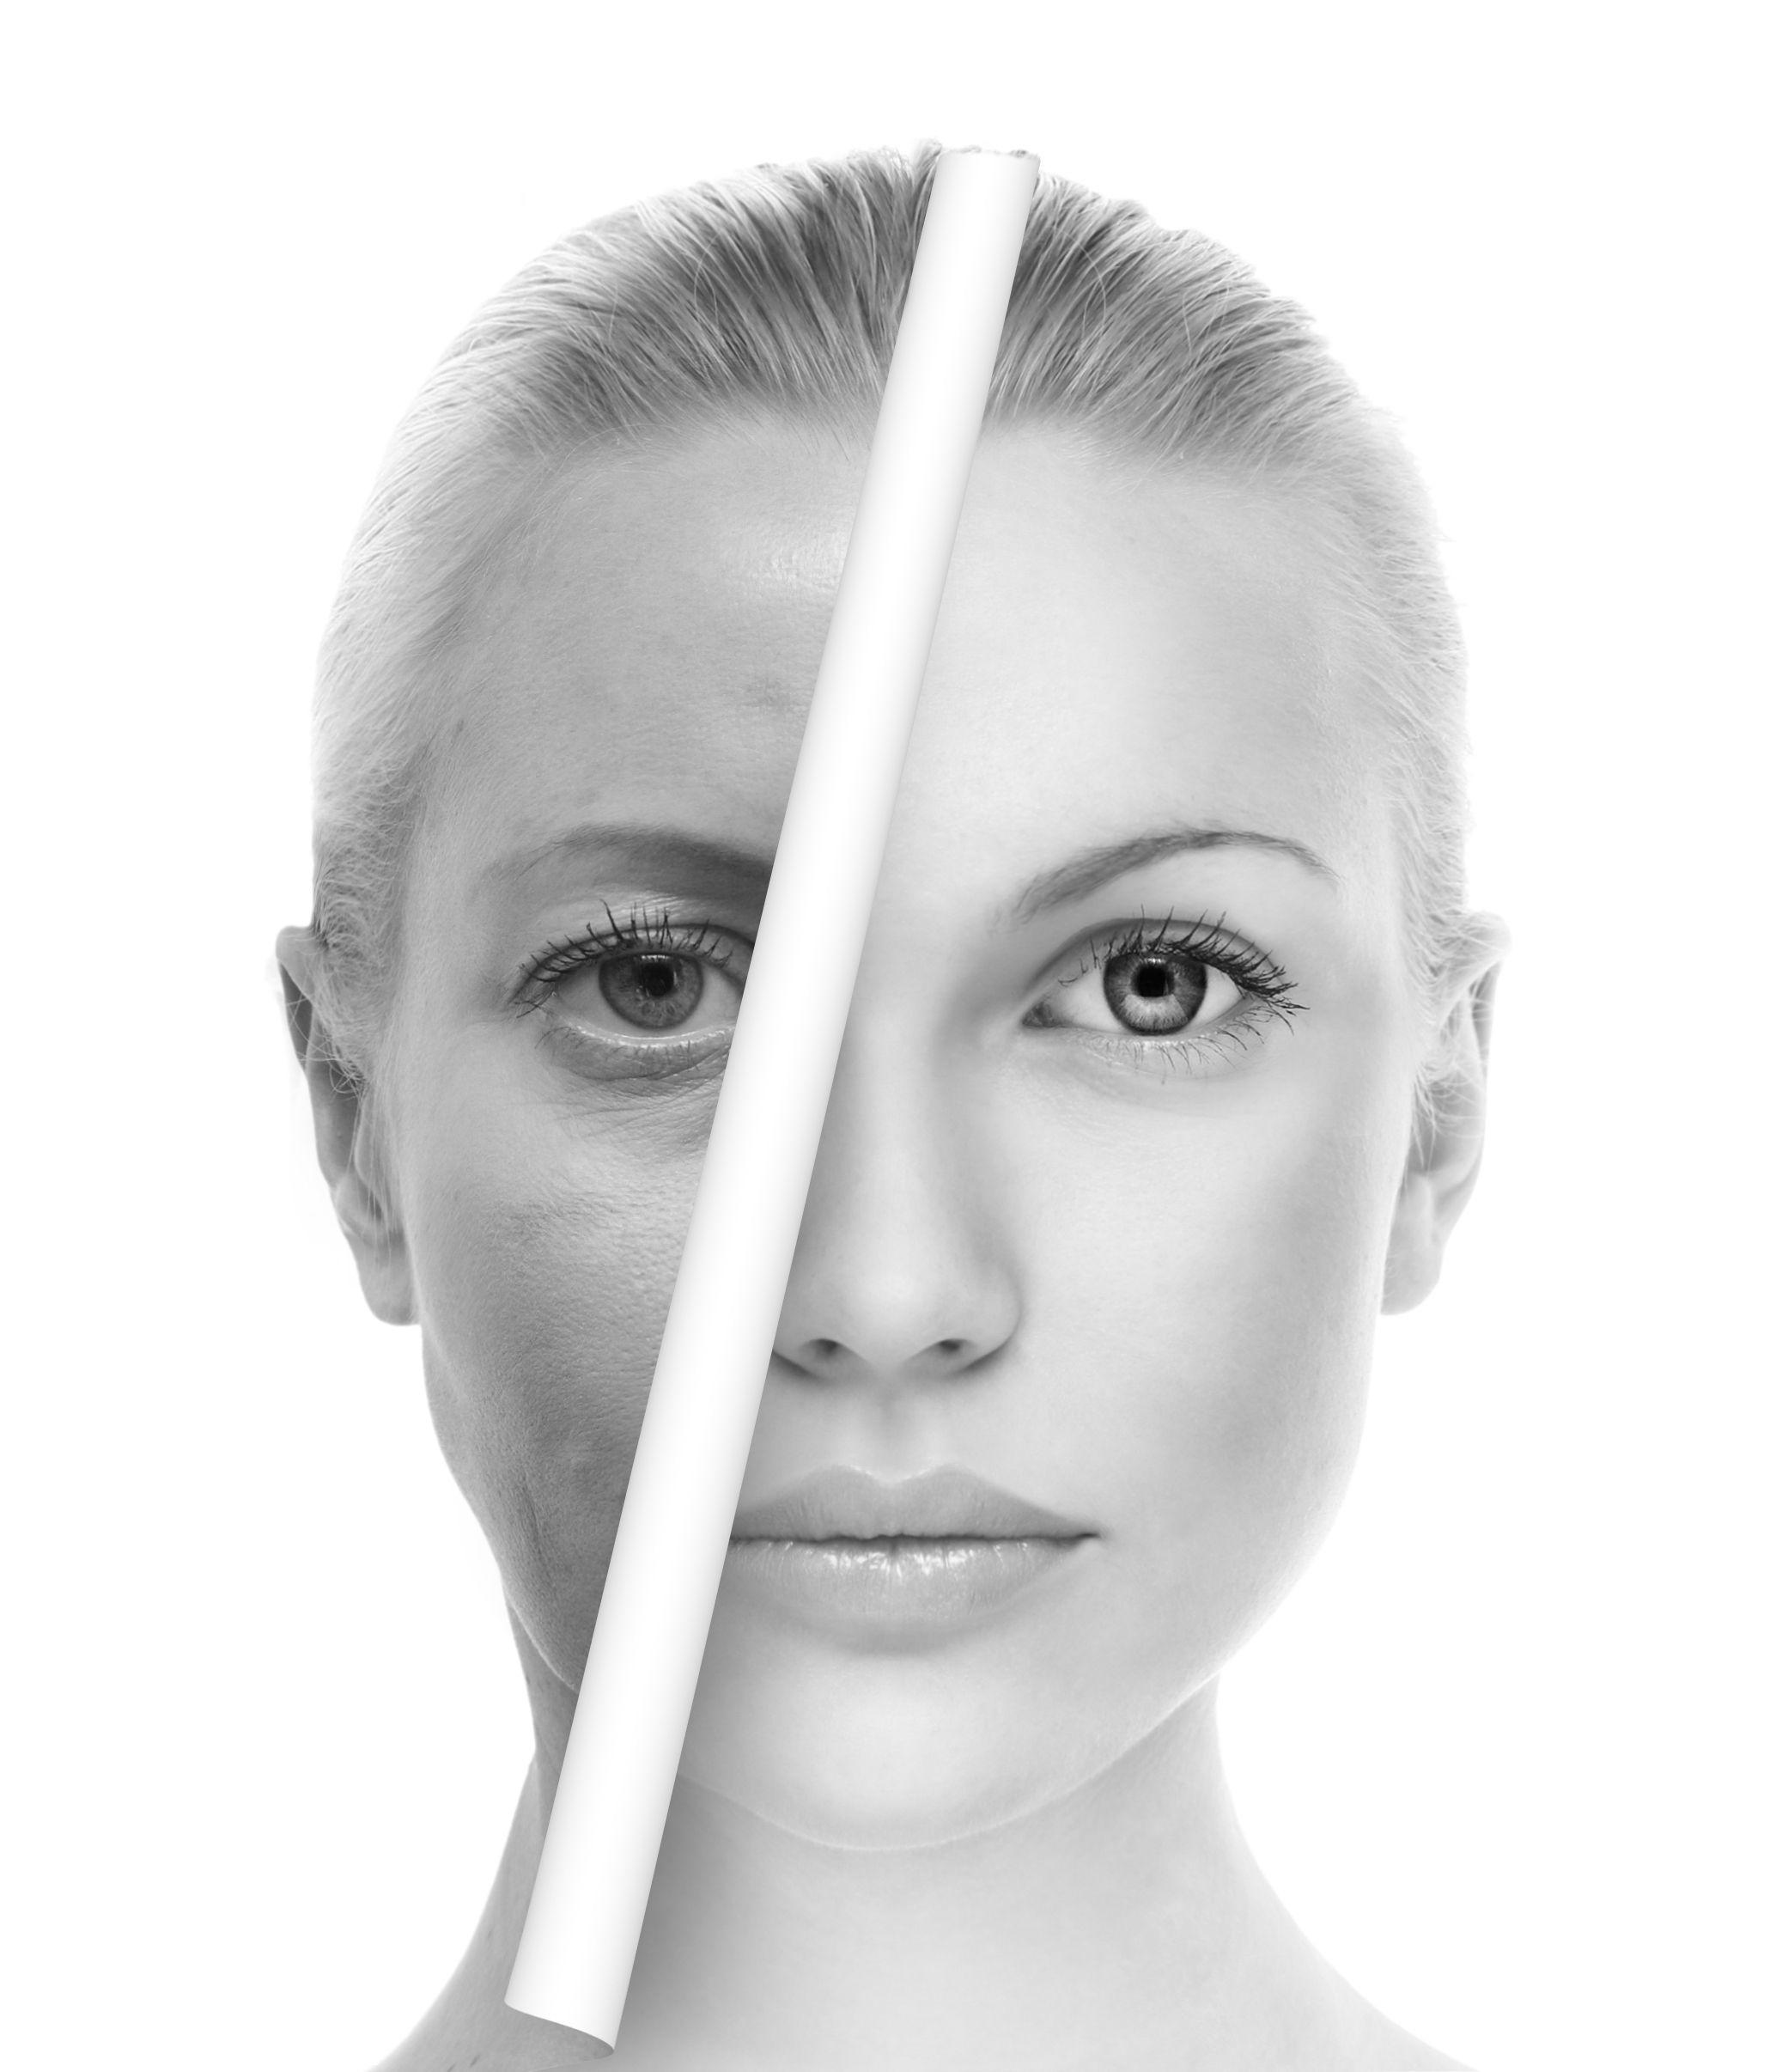 プレミアムPRP皮膚再生療法の修正